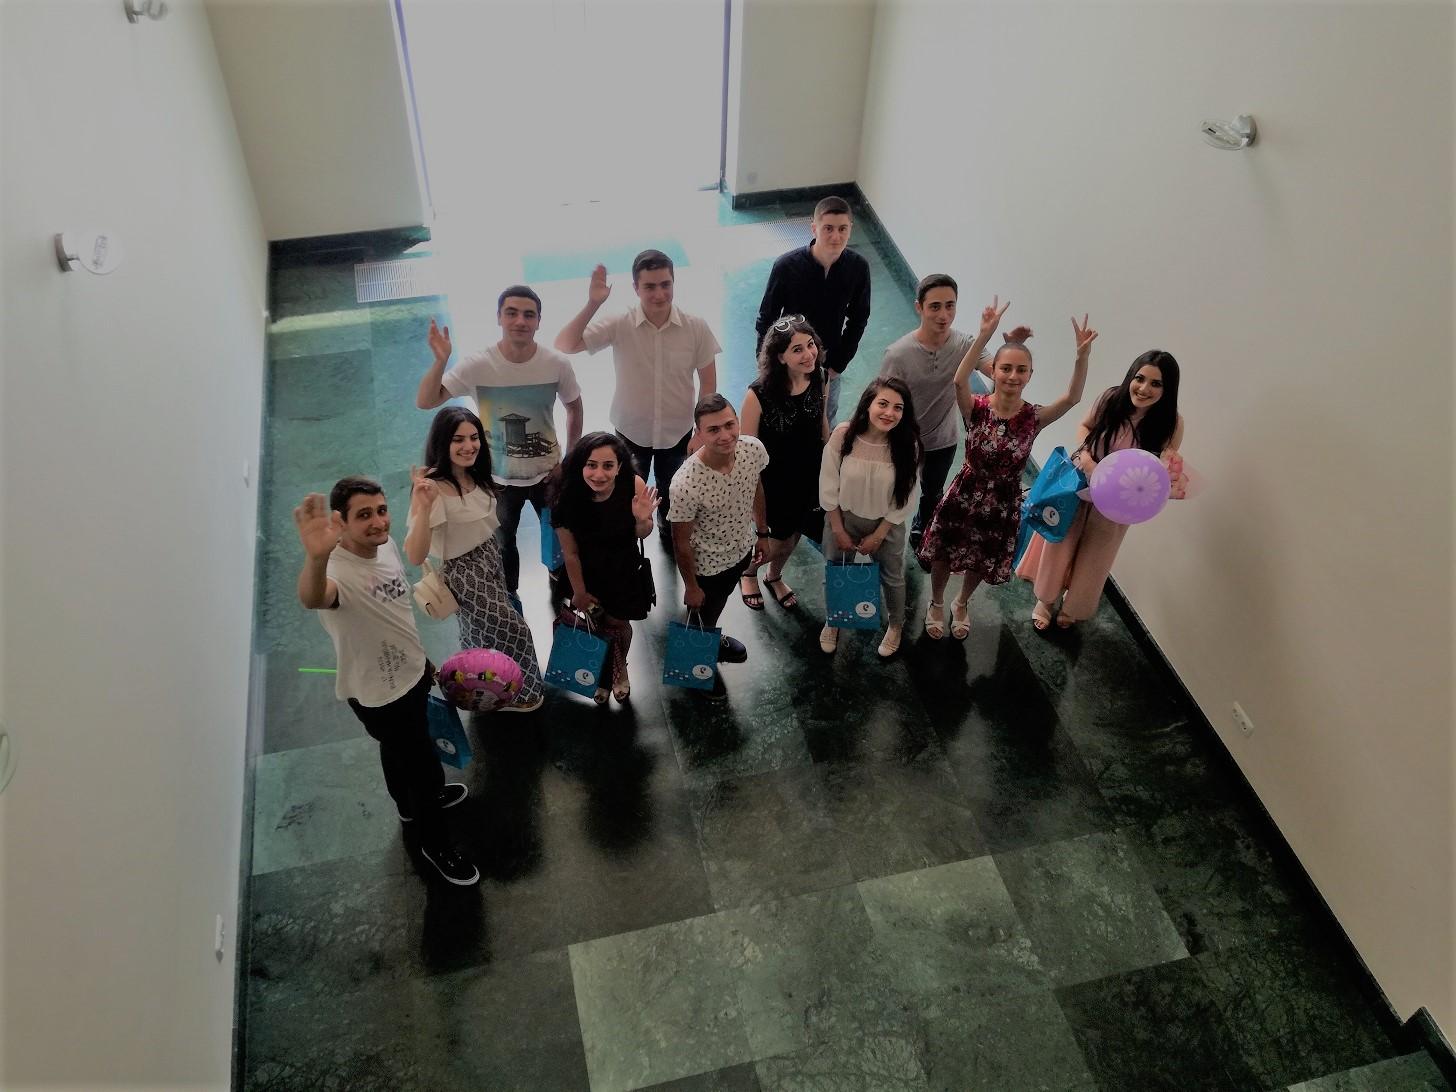 Ռոստելեկոմ. ամփոփվեց «Նոր հնարավորություններ ուսանողների համար» նախագիծը